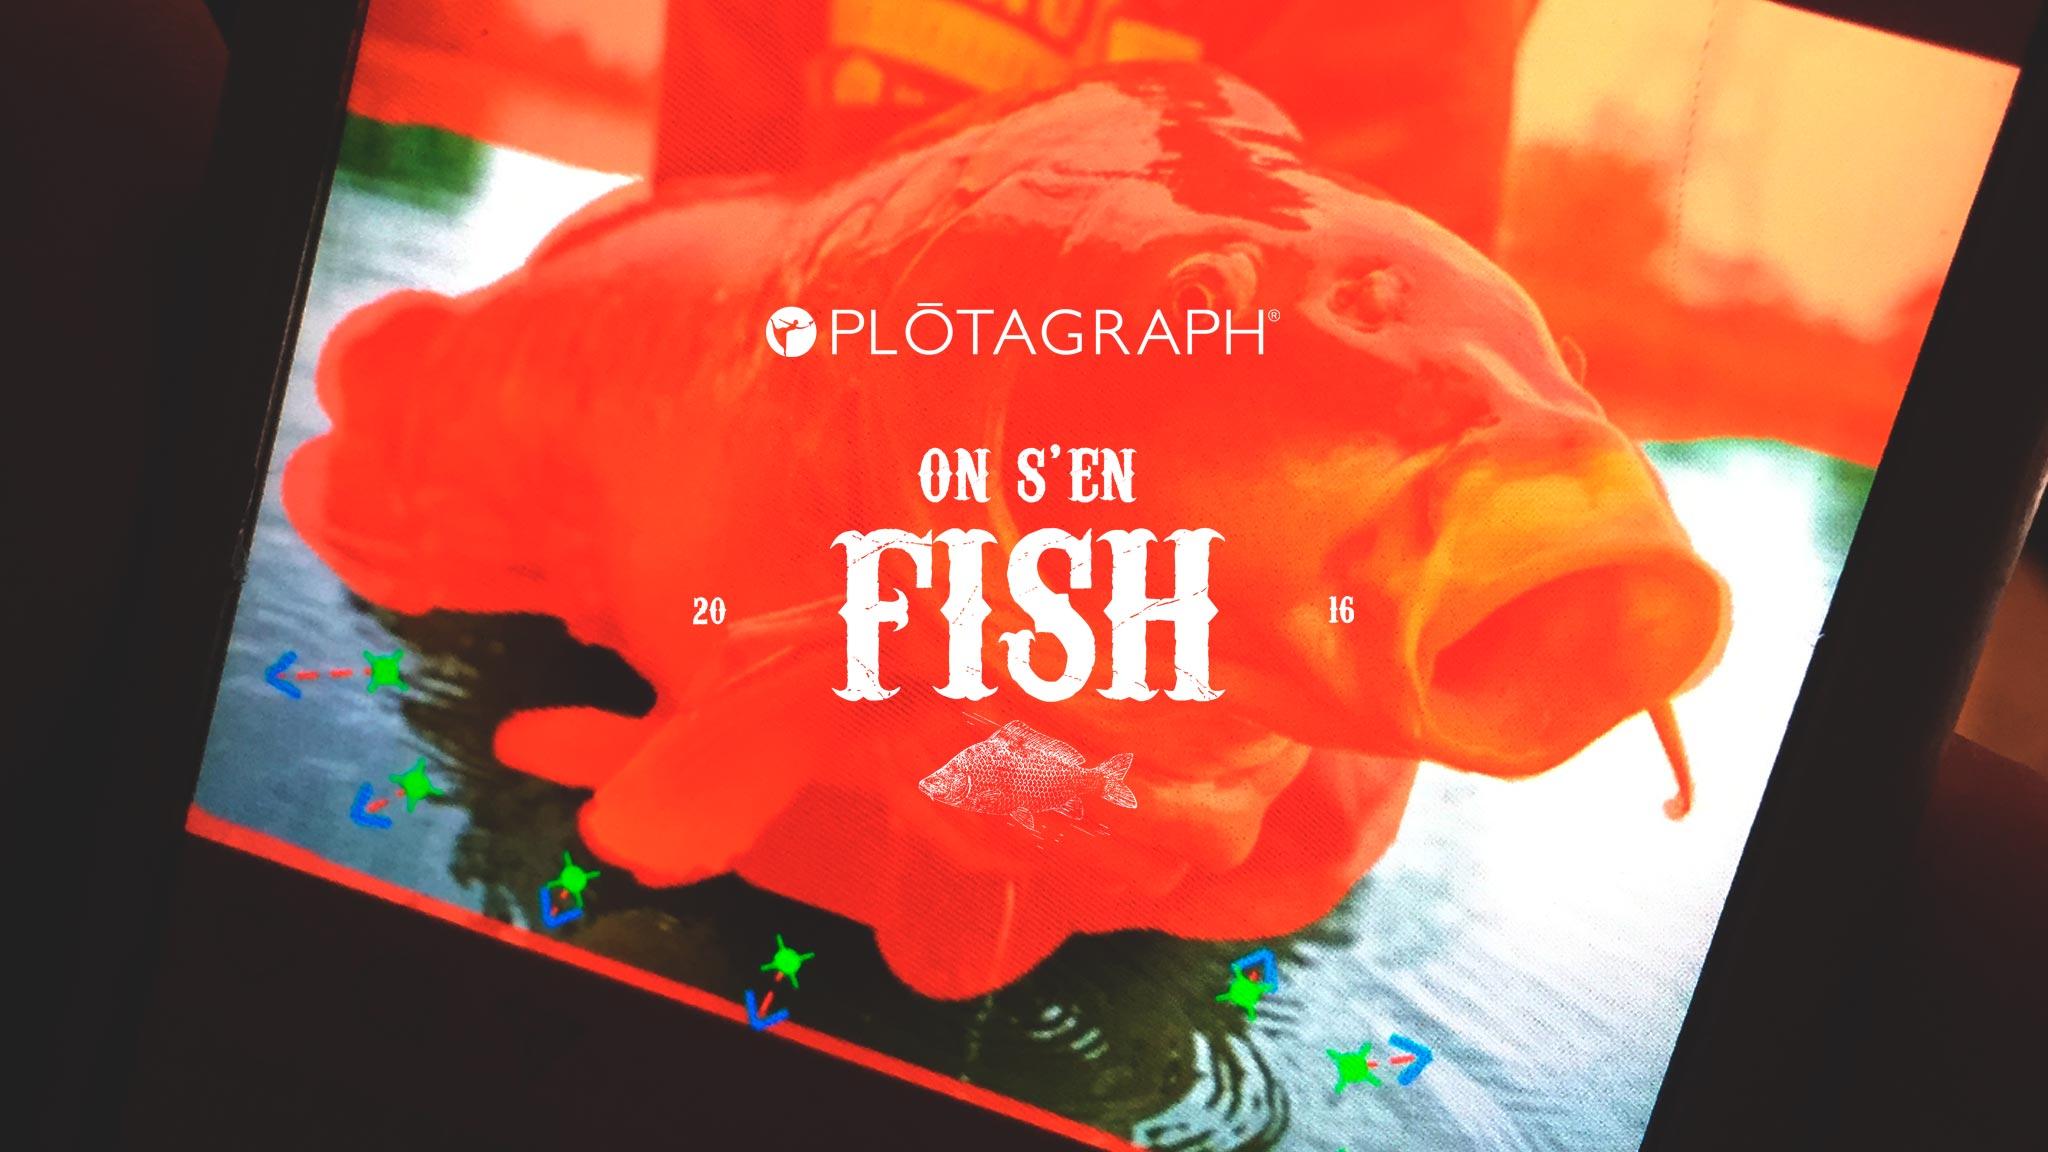 on-s-en-fish-galerie-article-plotagraph-peche-carpe-application-mobile_2